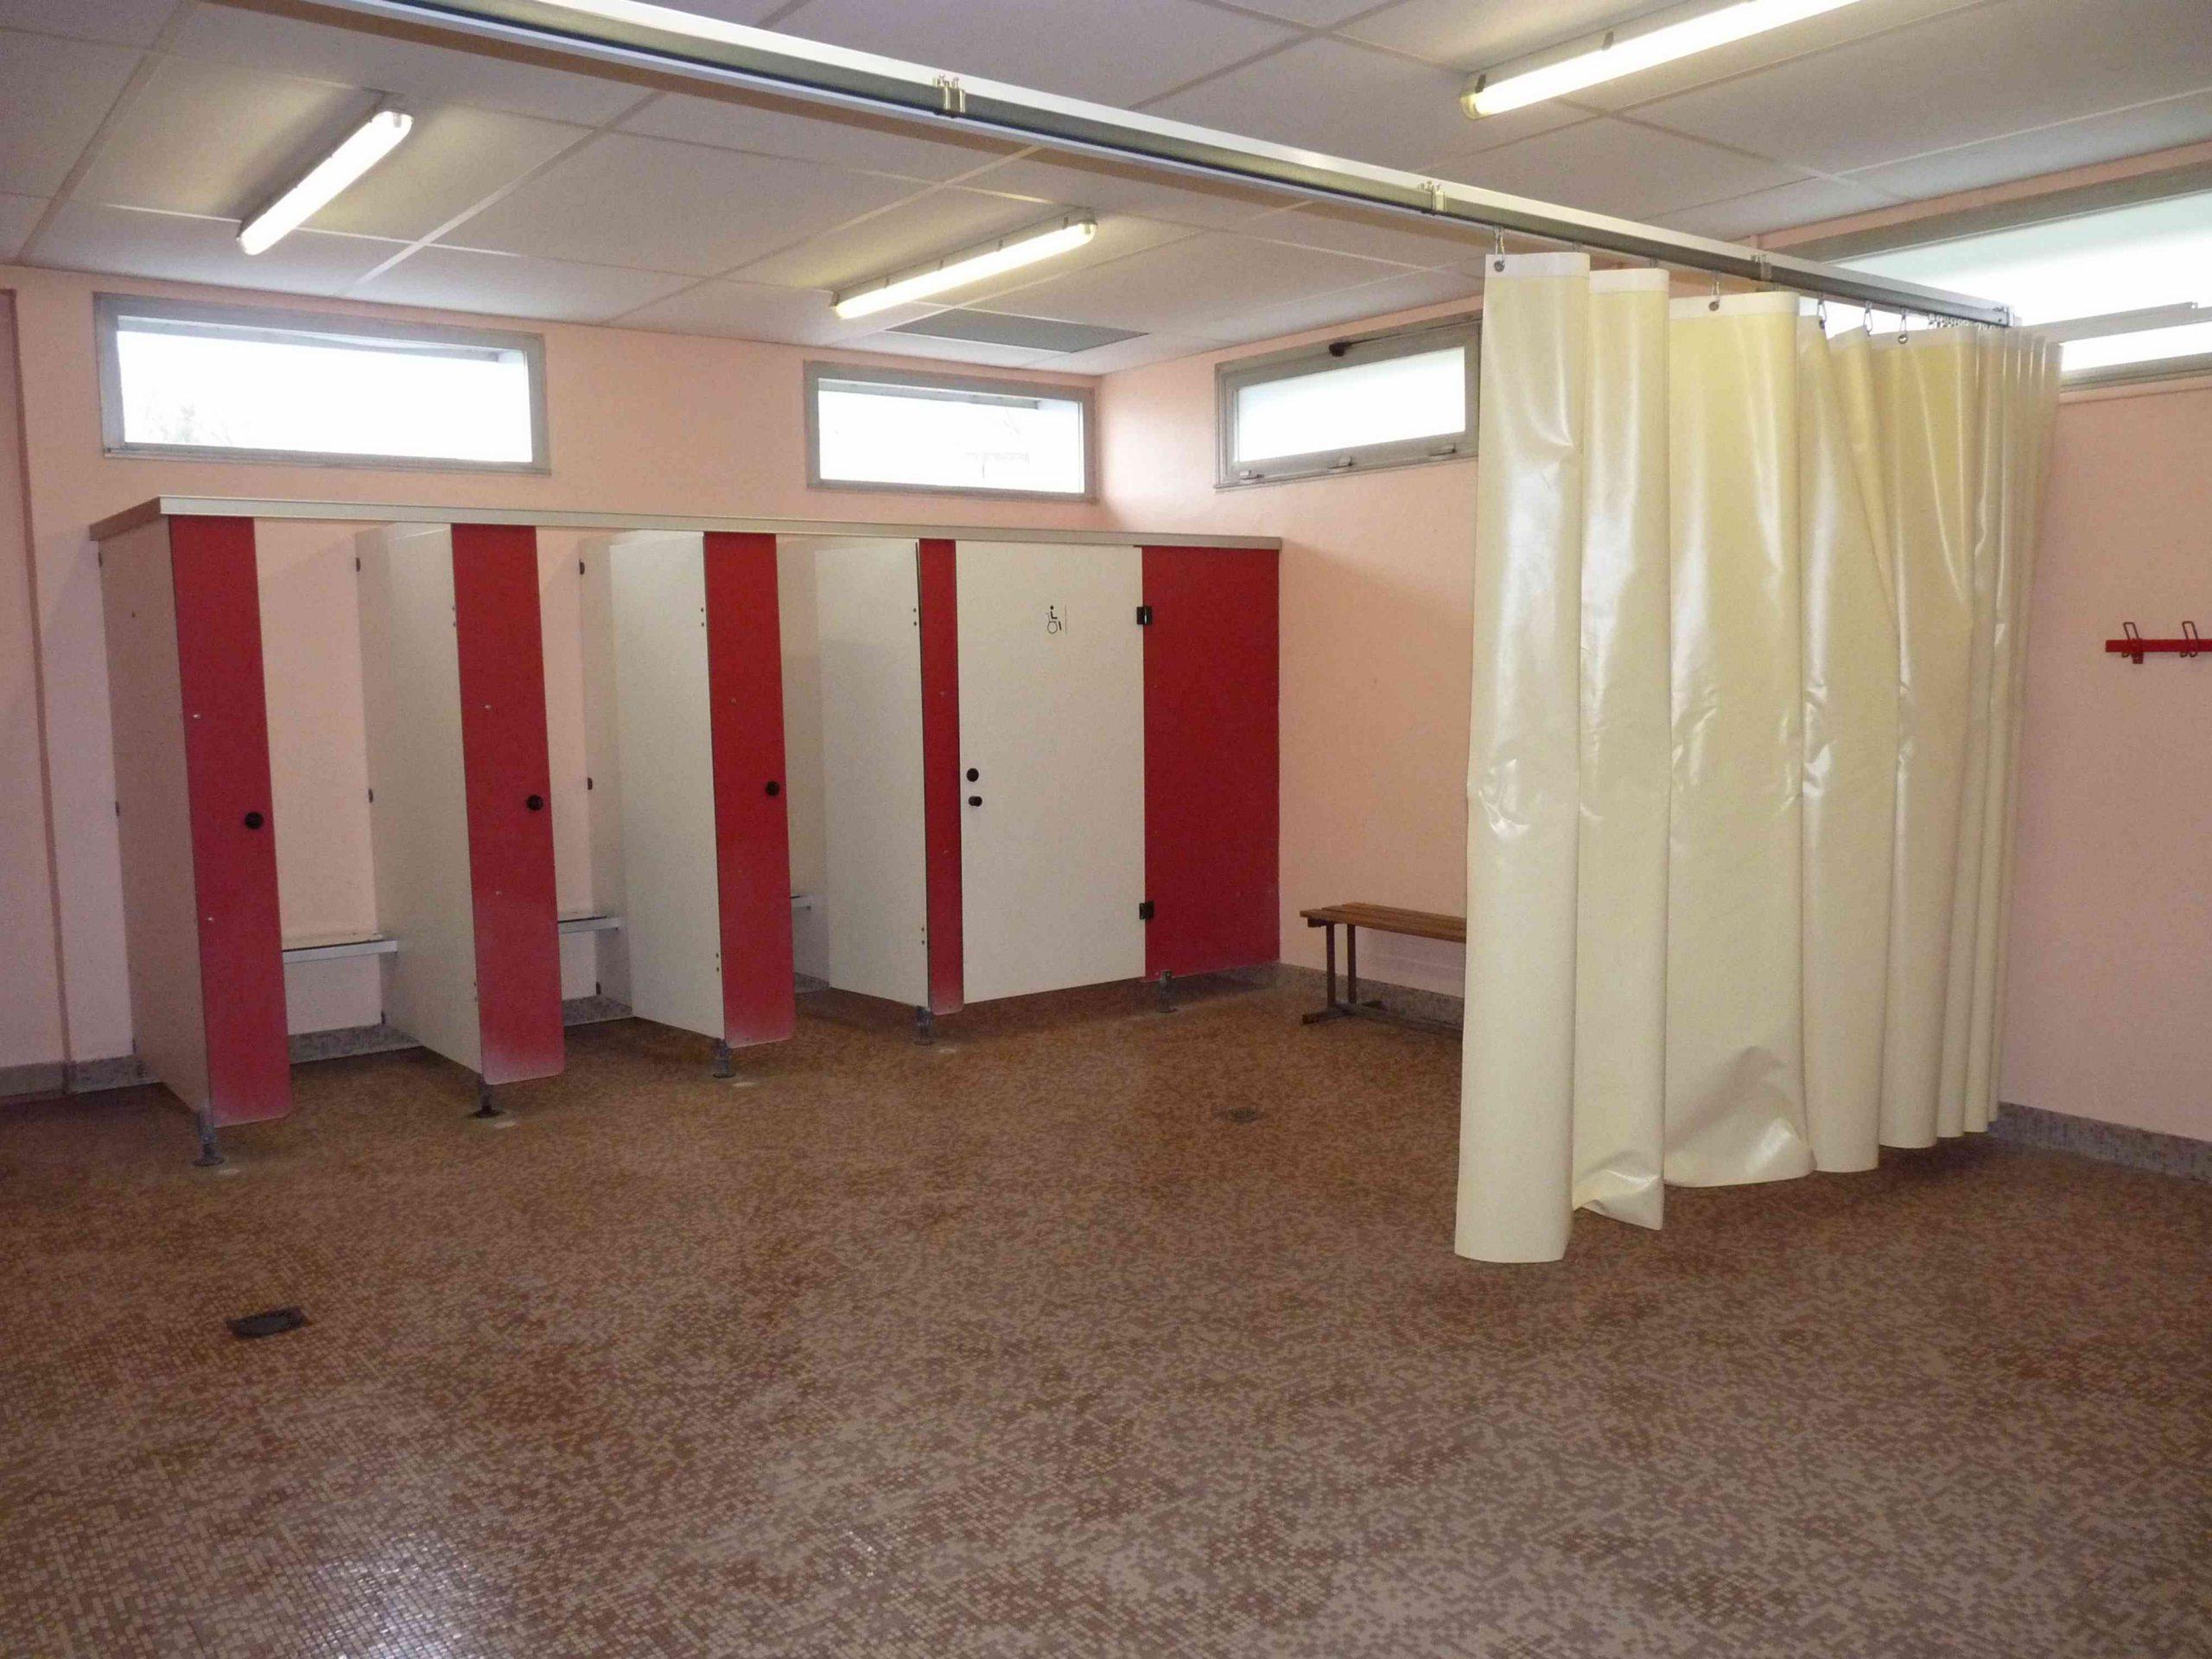 Ecole Élémre De Fareins - Découverte De La Piscine dedans Vestiaire Piscine